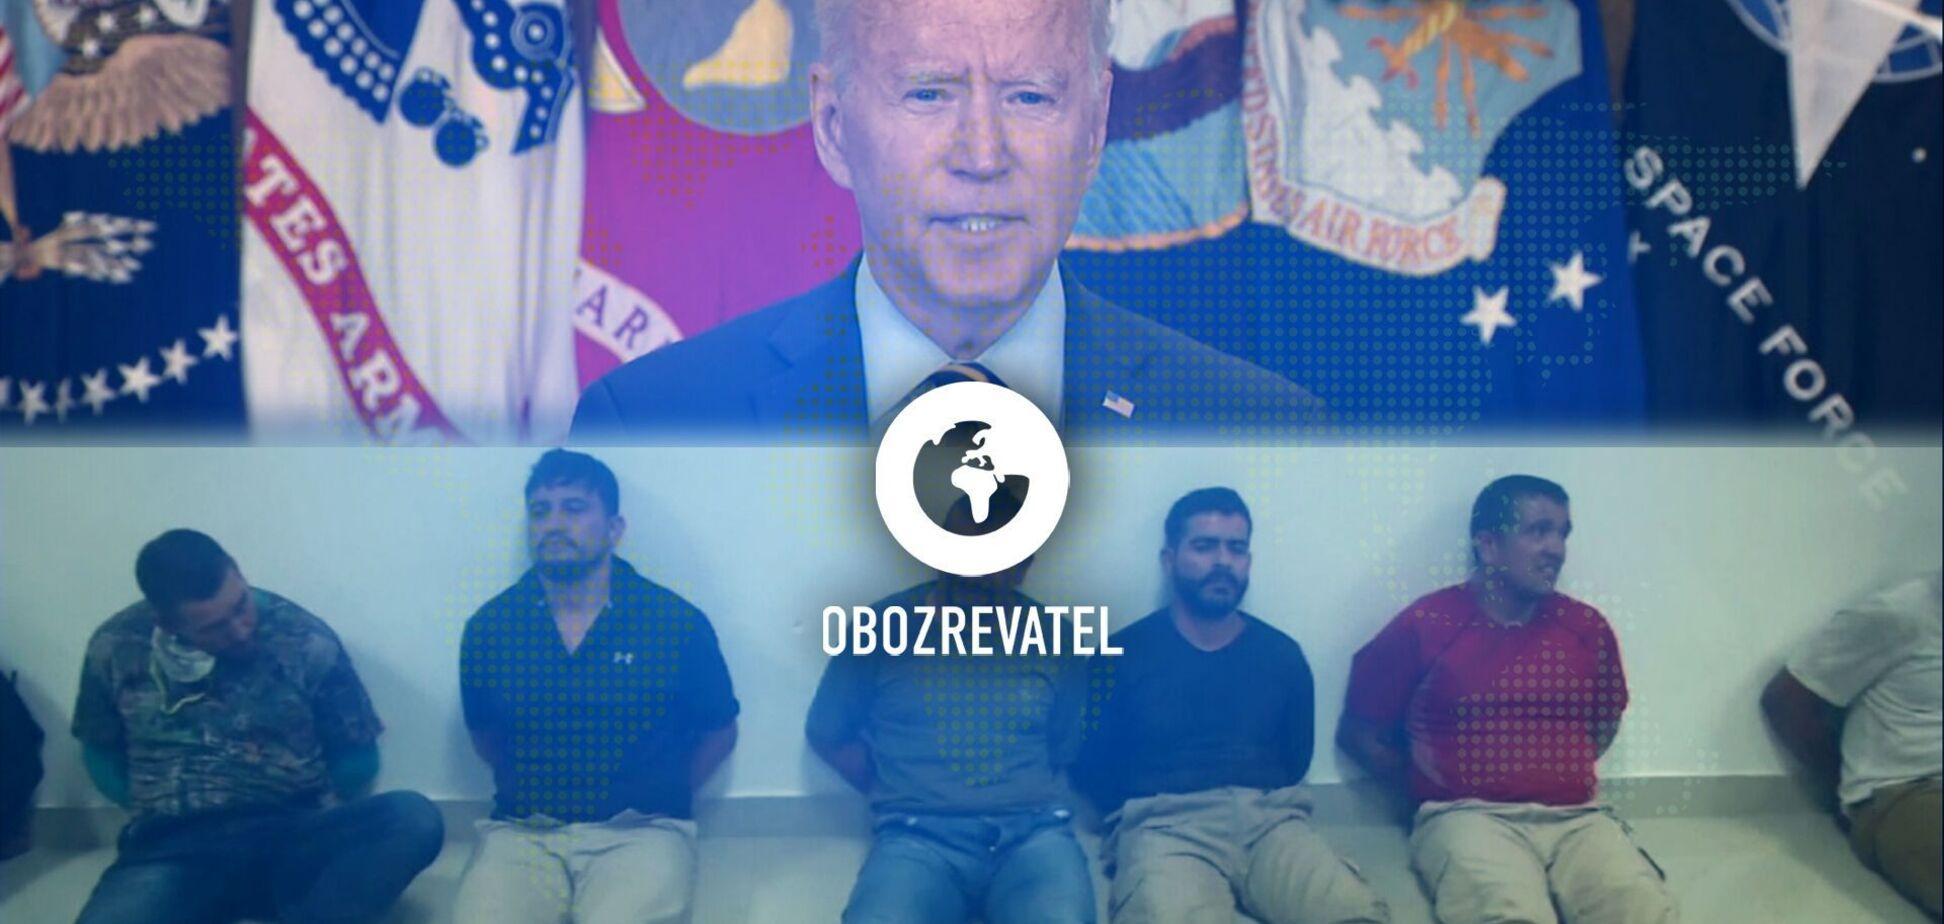 Америка виведе свої війська до 31 серпня, а в Гаїті стверджують, що президента Жовенеля Моїза вбили іноземні найманці – дайджест міжнародних подій